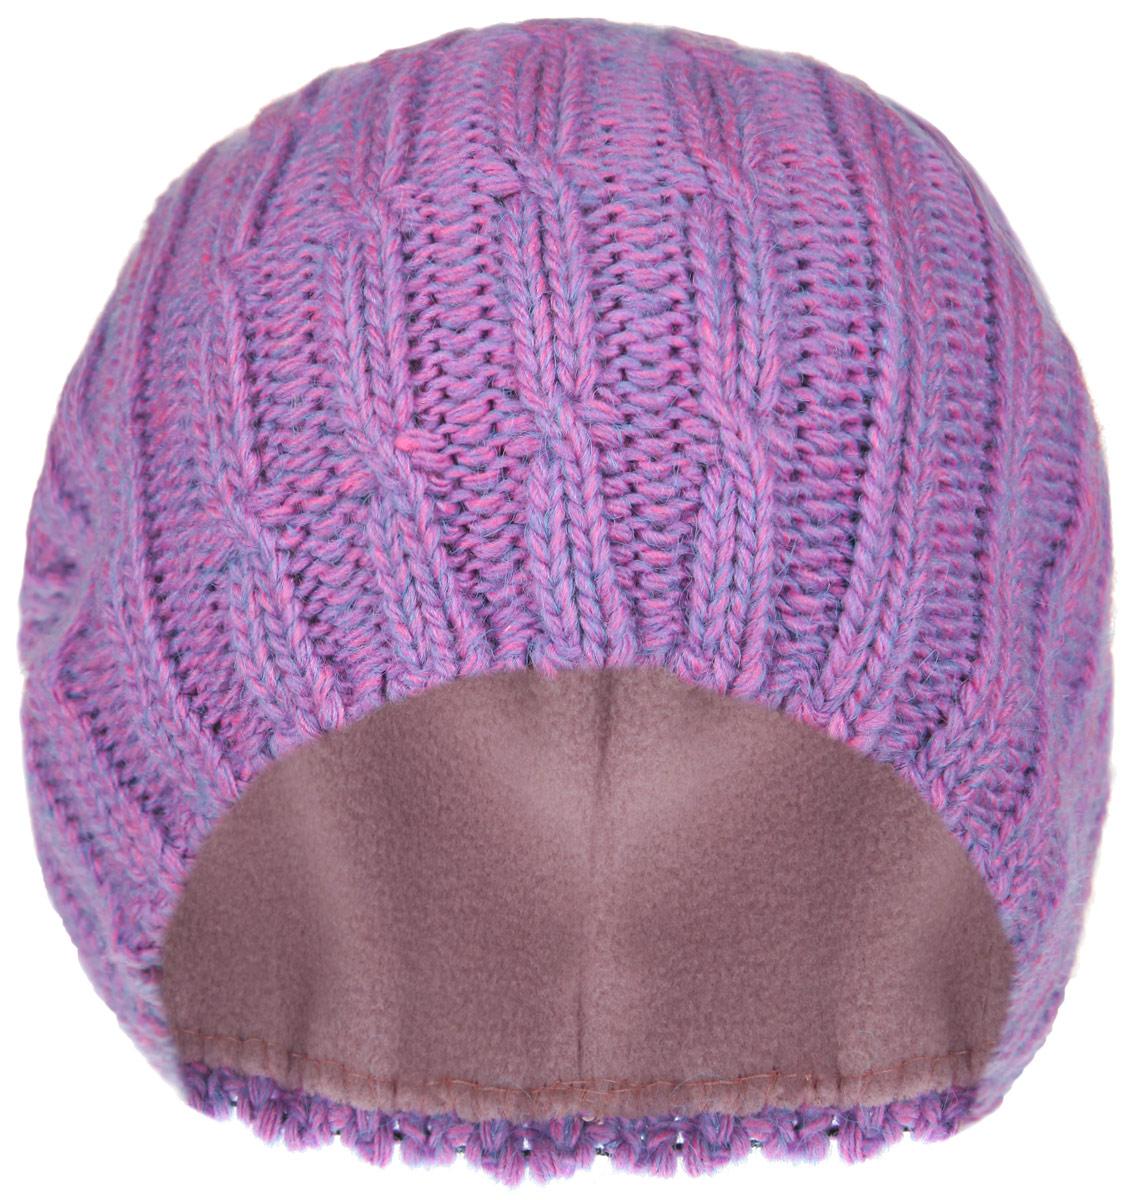 ШапкаRWH6501/2-005Отличная вязаная шапка-бини от Elfrio в стиле сasual. Изготовлена из меланжированной акриловой пряжи с флисовой подкладкой. Модель прекрасно подойдет для женщин, ценящих комфорт и красоту. Незаменимая вещь в прохладную погоду.